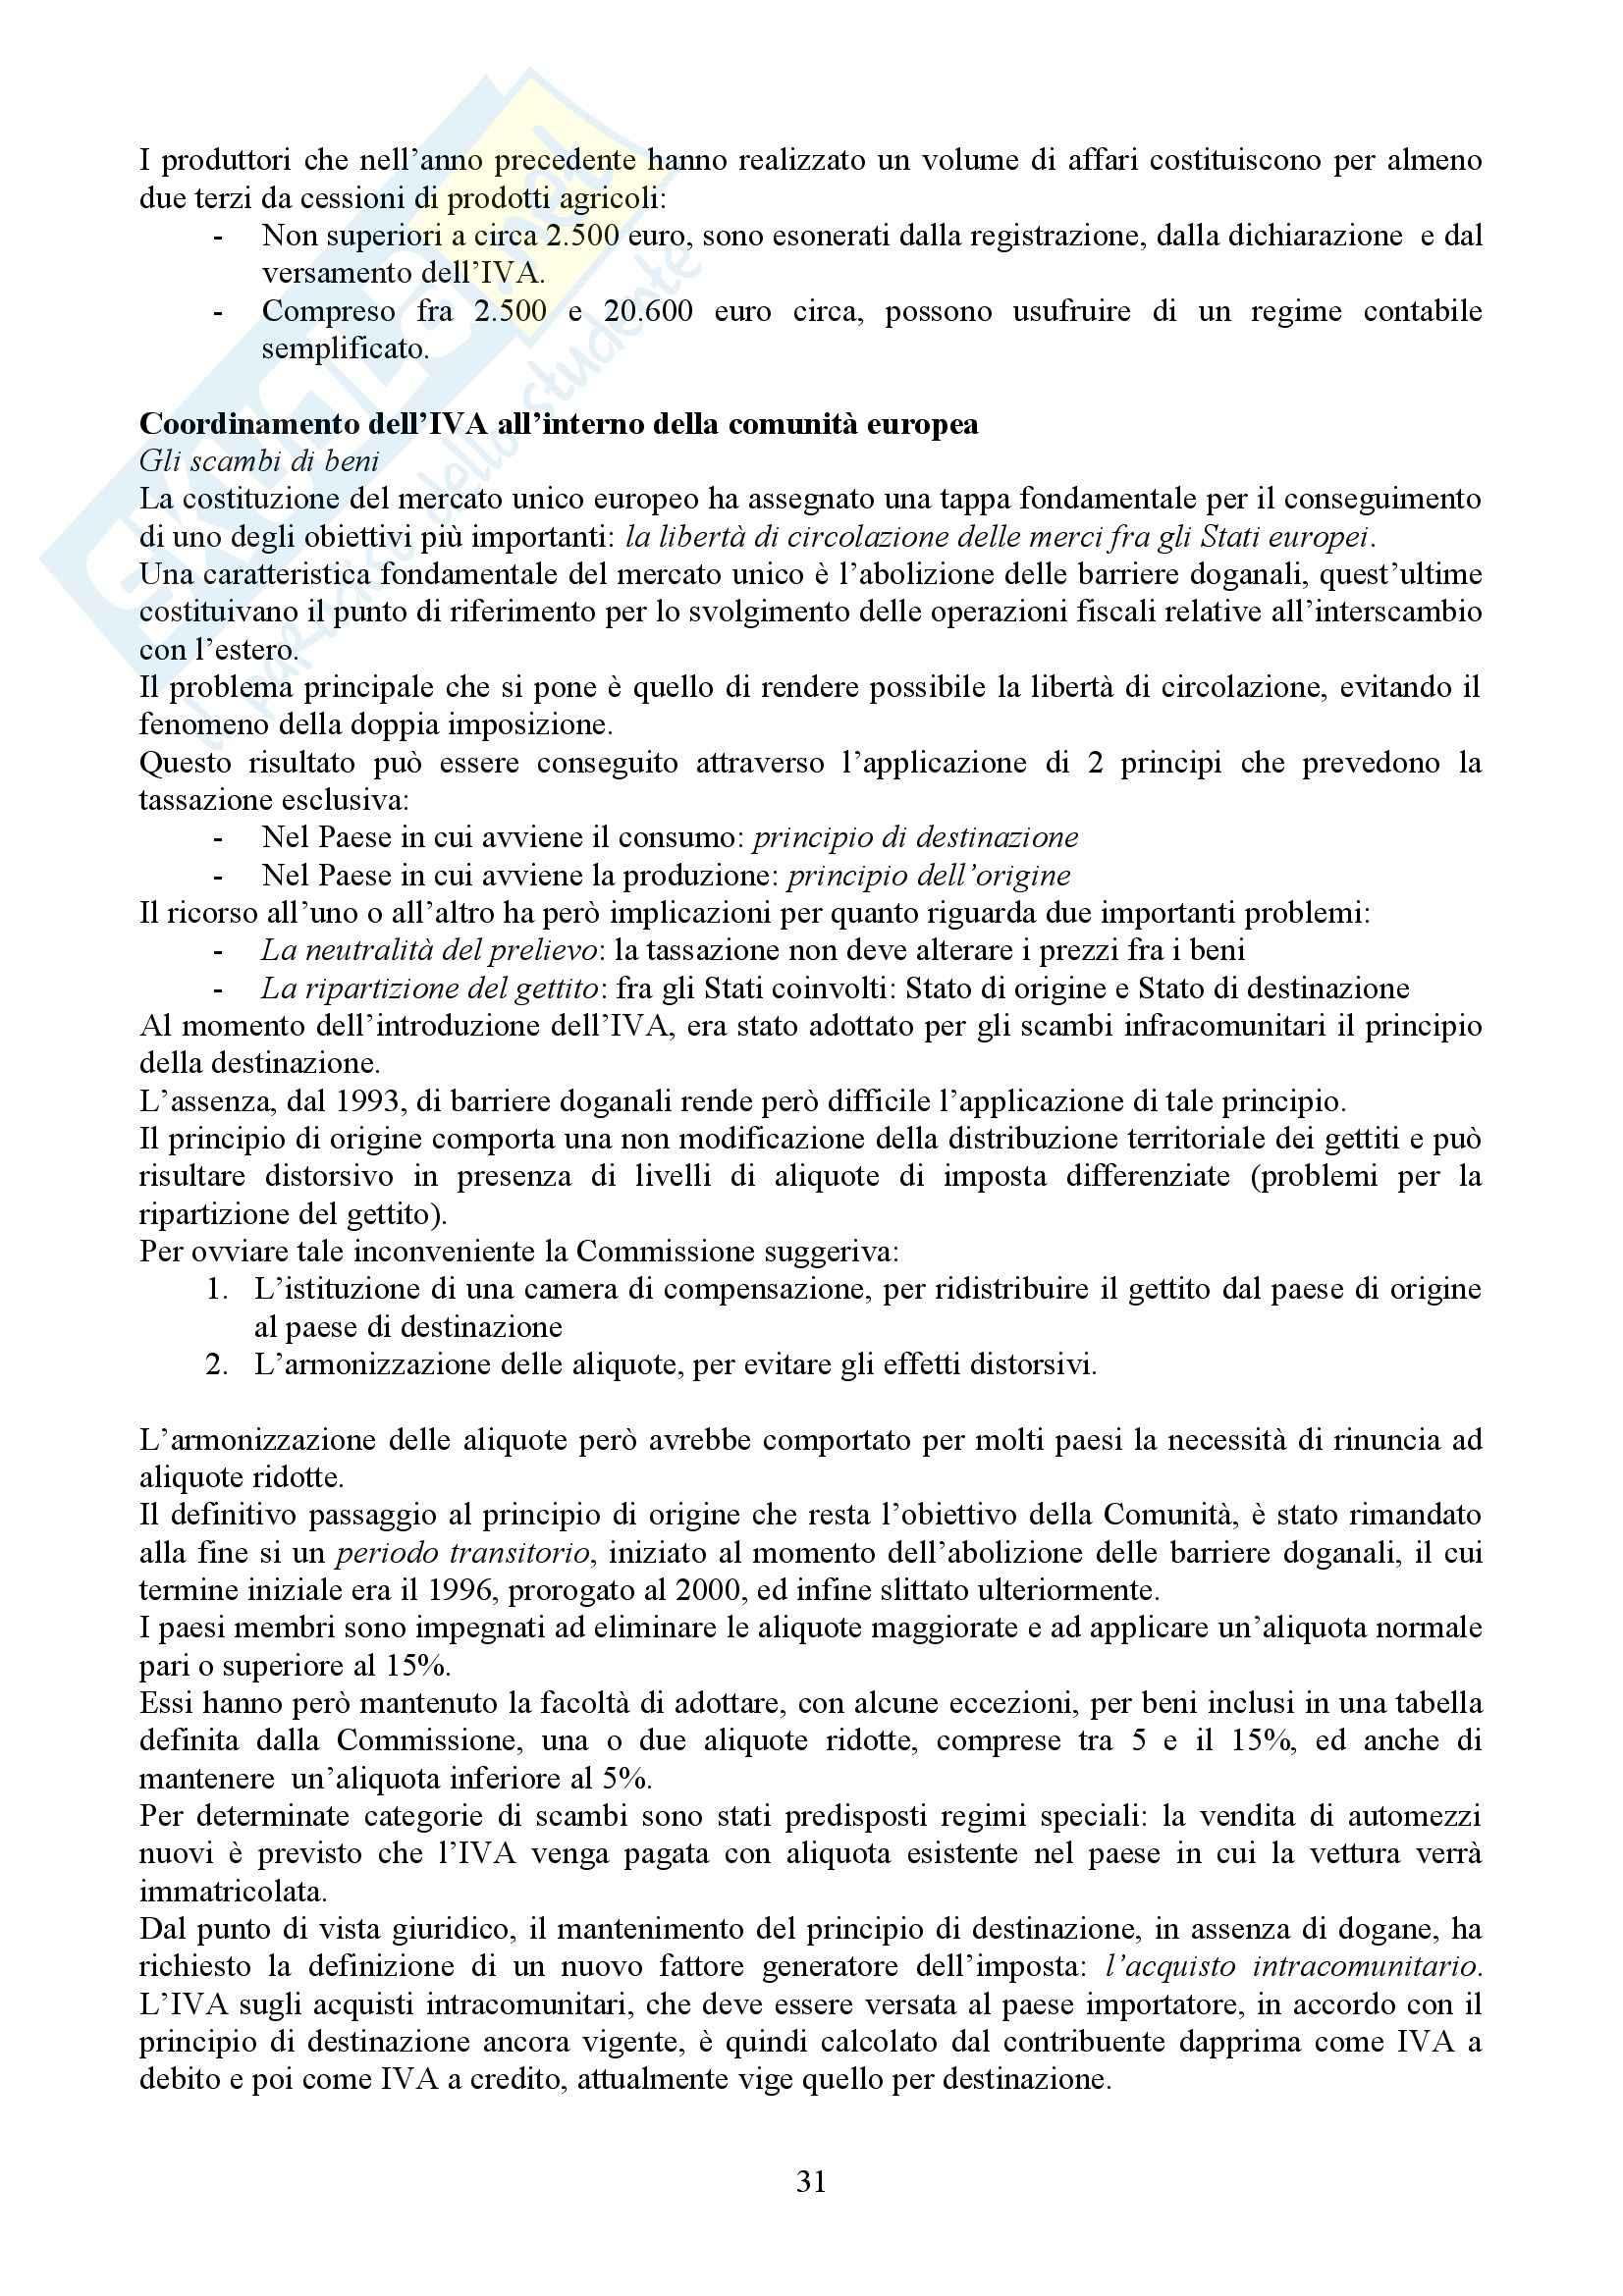 Tributi nell'economia italiana, Bosi, Guerra - Appunti Pag. 31